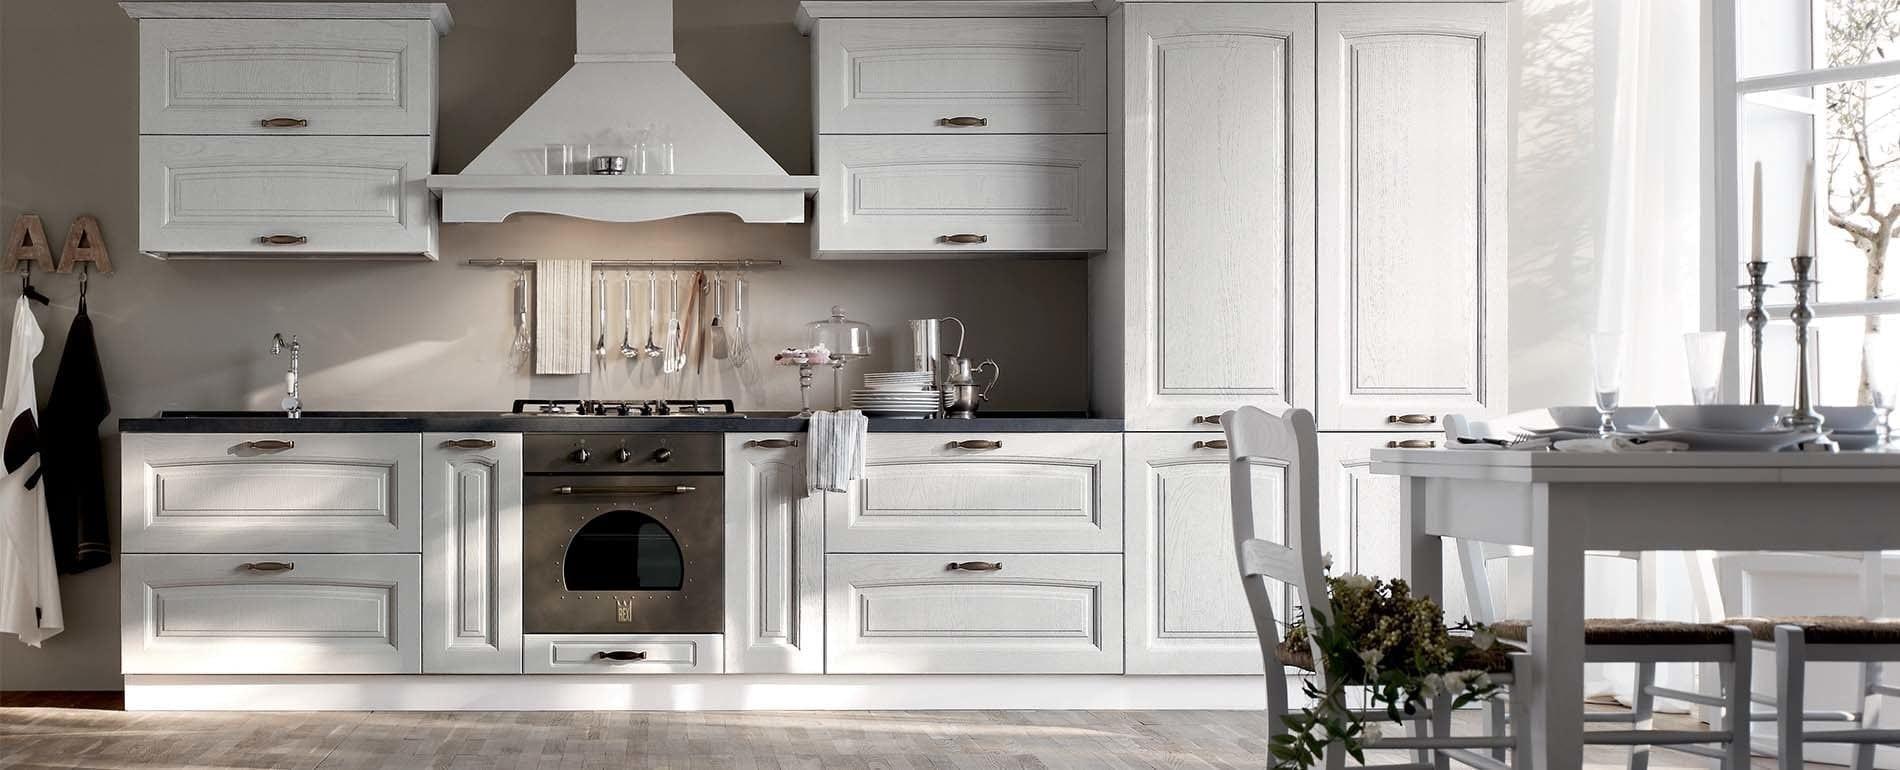 Pg arredamenti centro cucine lucca e firenze for Piccoli mobili design